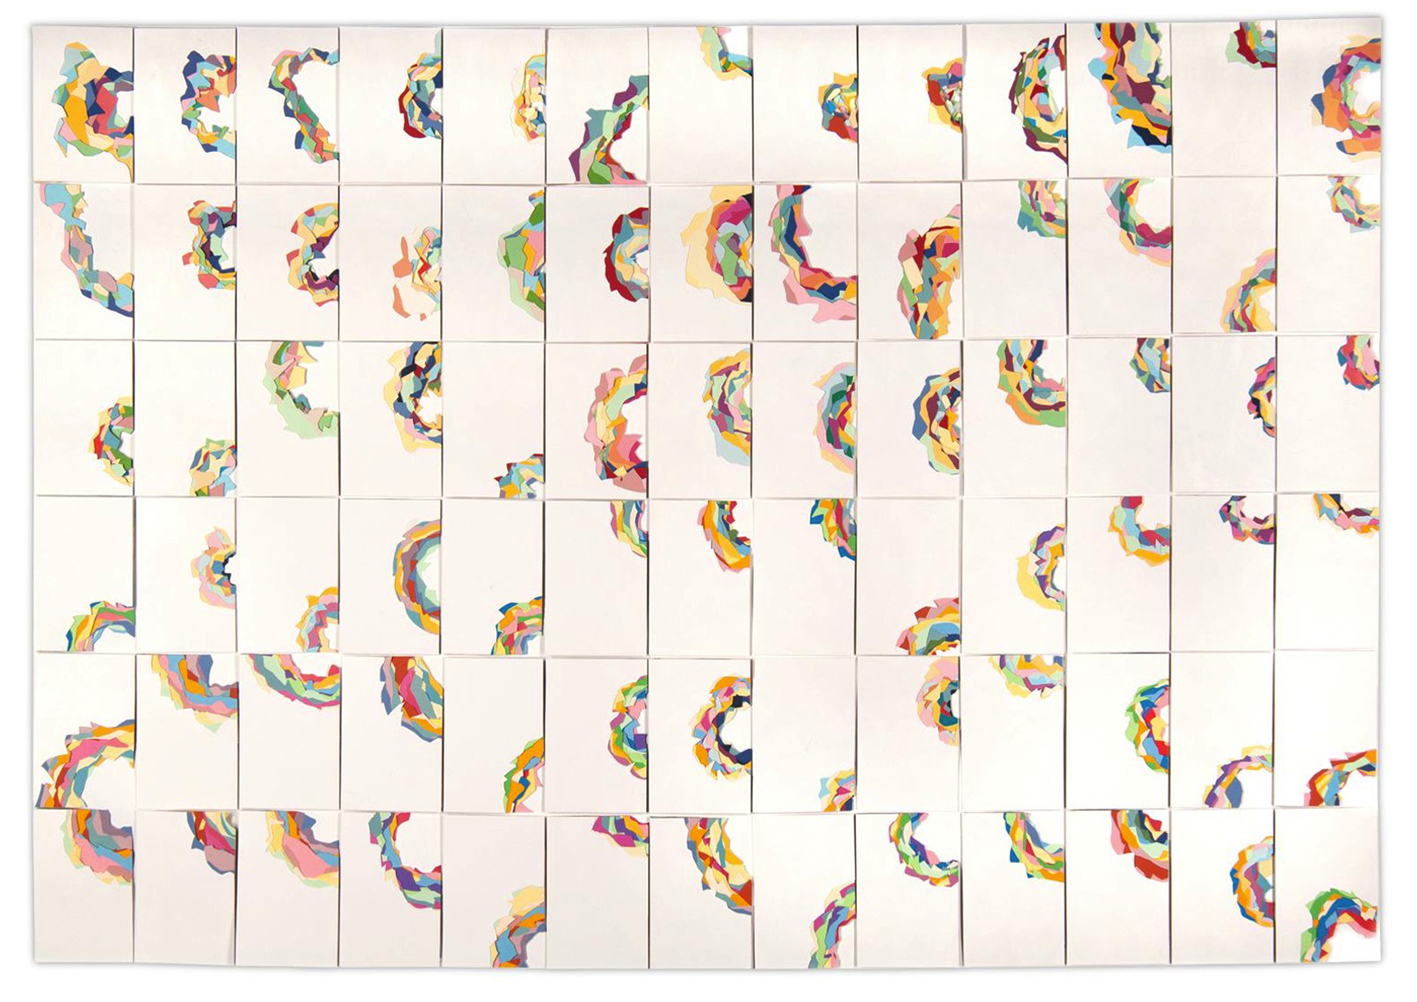 RITAGLI DI TEMPO 2013 carta, 120 x 128 cm, 78 giorni